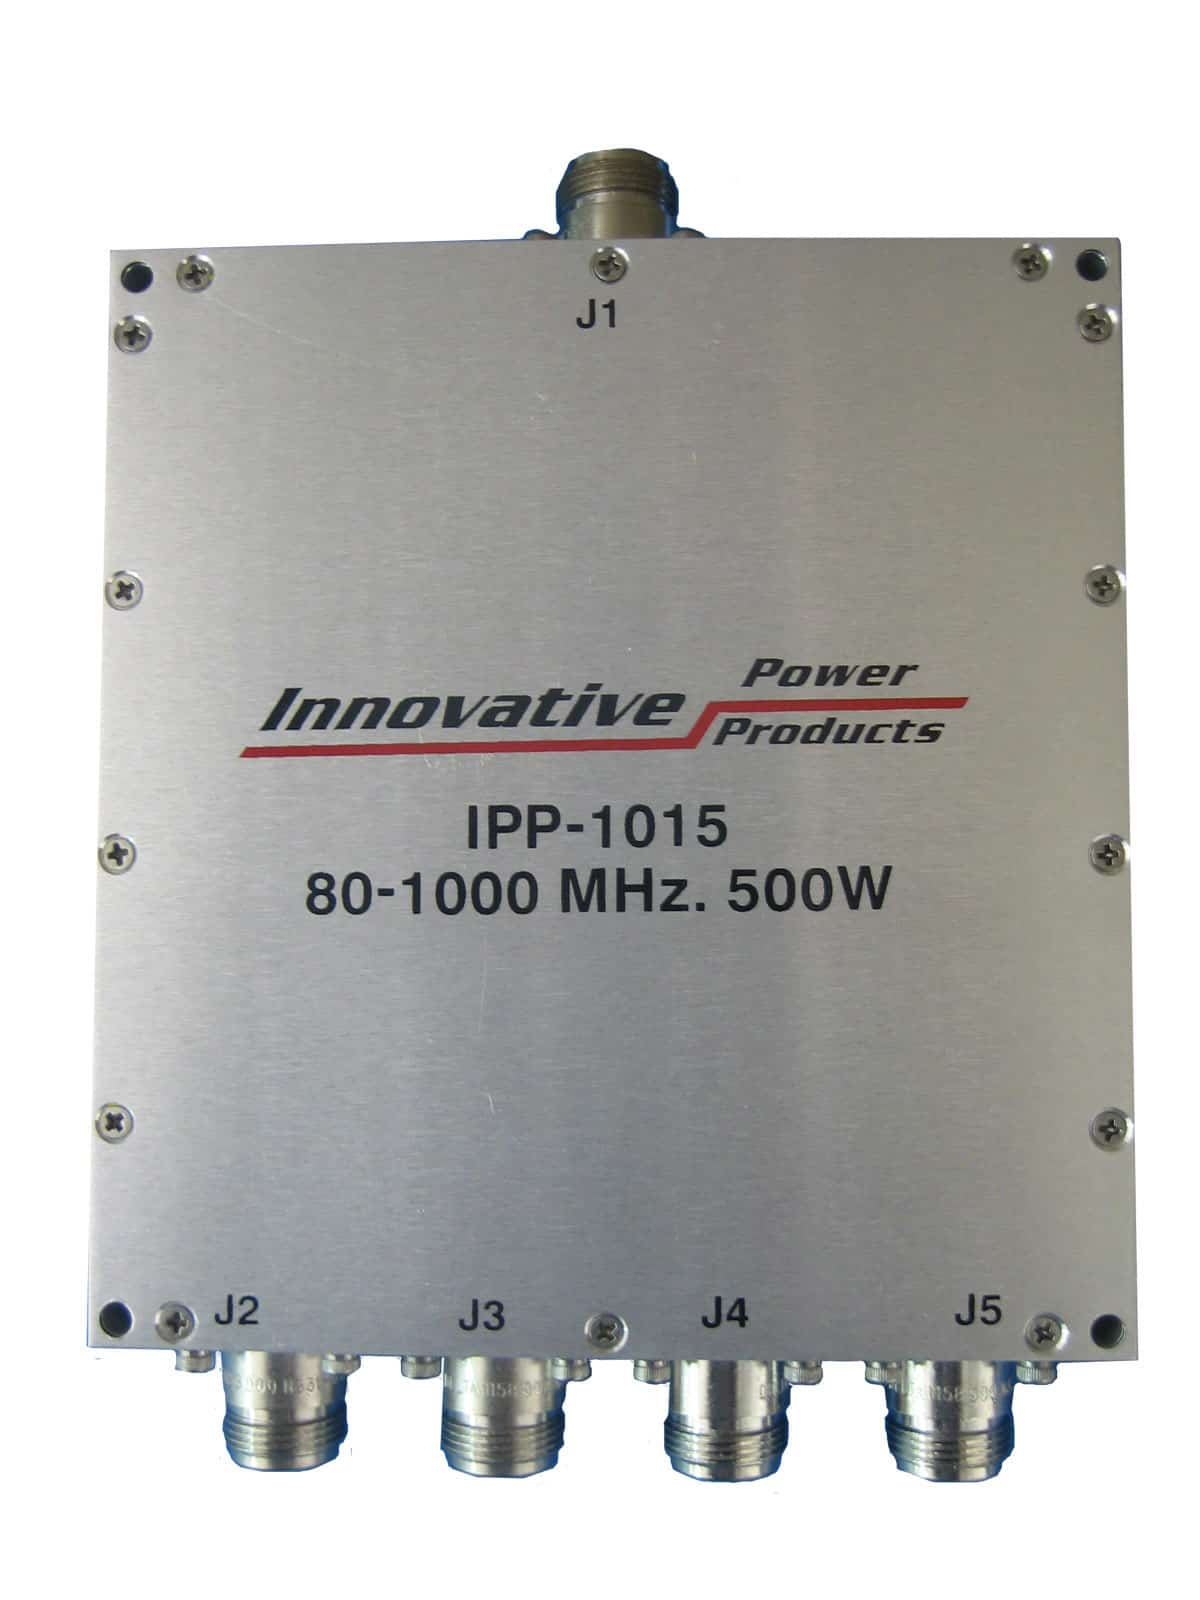 IPP-1015